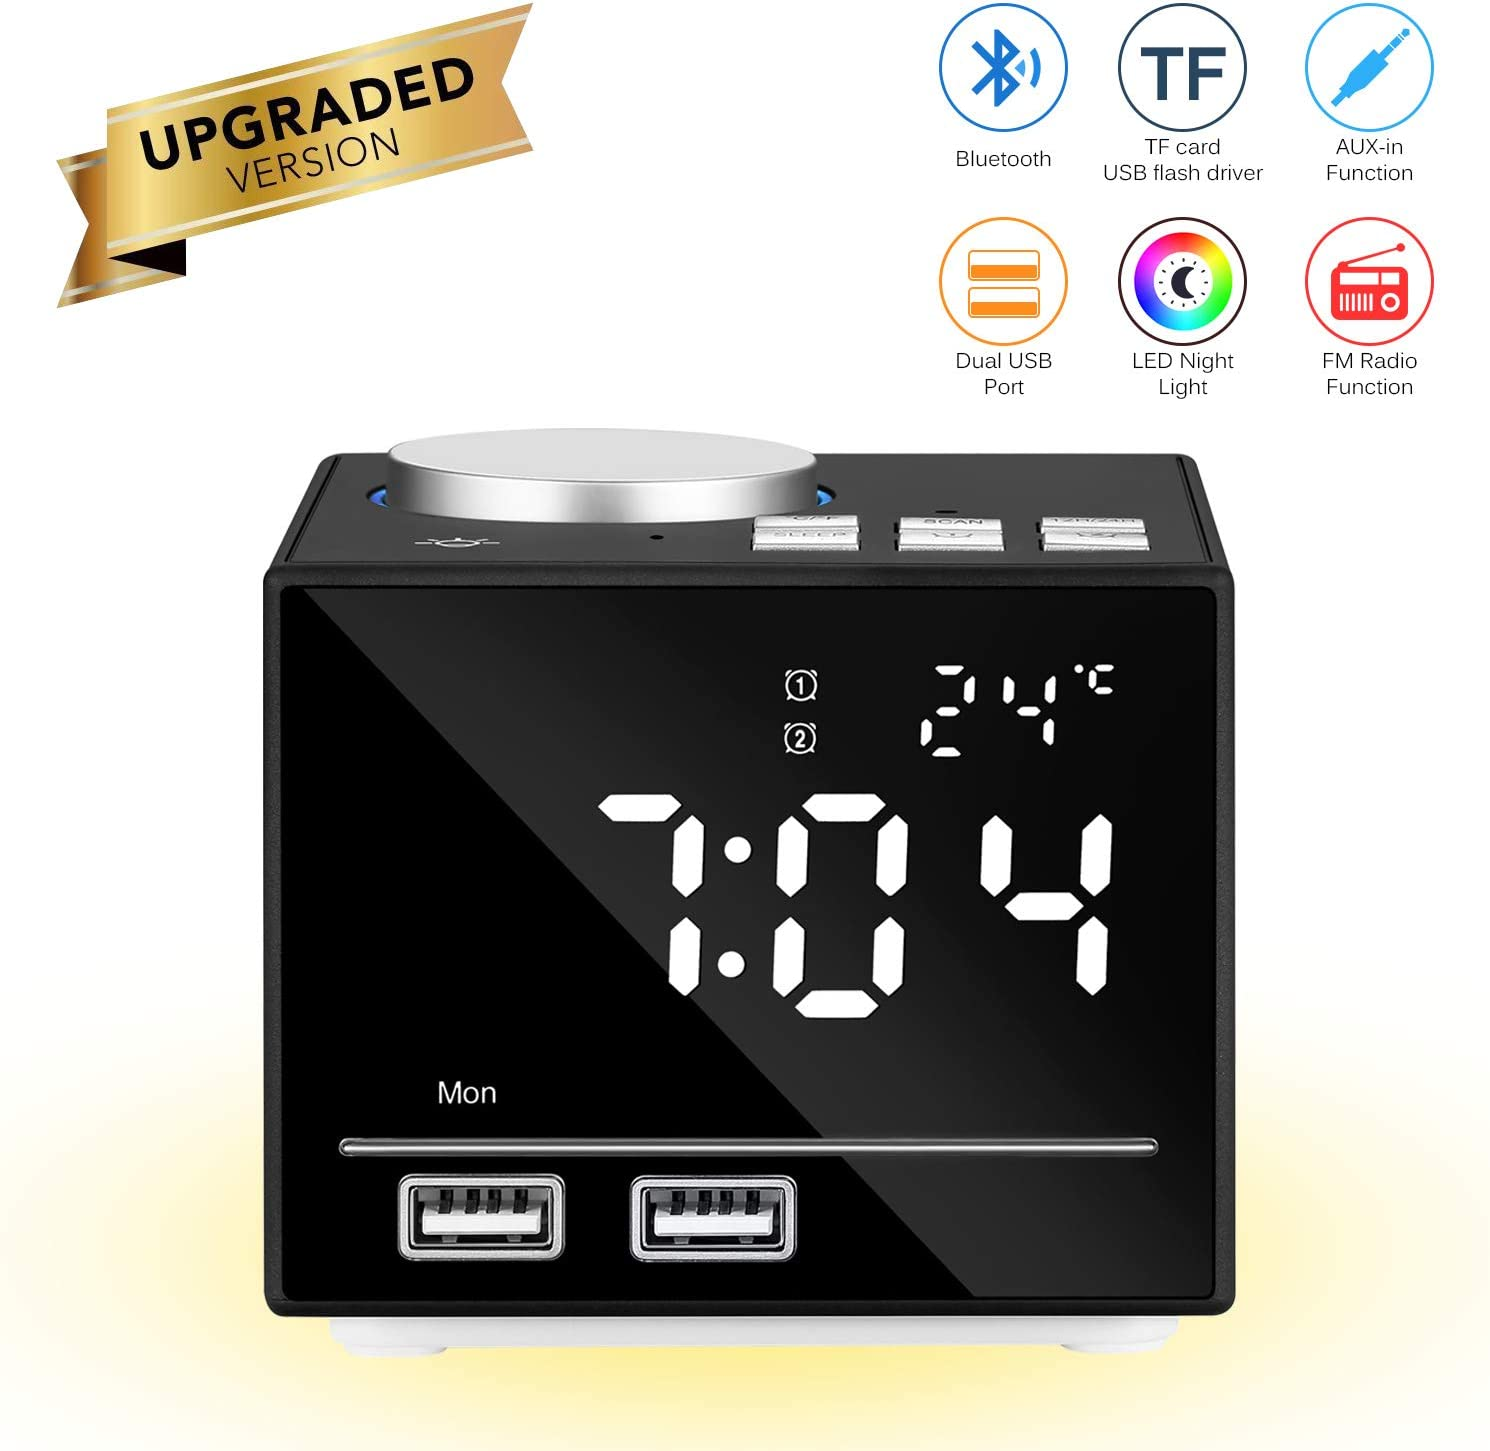 Reloj despertador inteligente multifuncional Reloj digital inteligente Altavoz Bluetooth Radio FM Snooze Función AUX-IN con luz de noche LED Puertos USB dobles